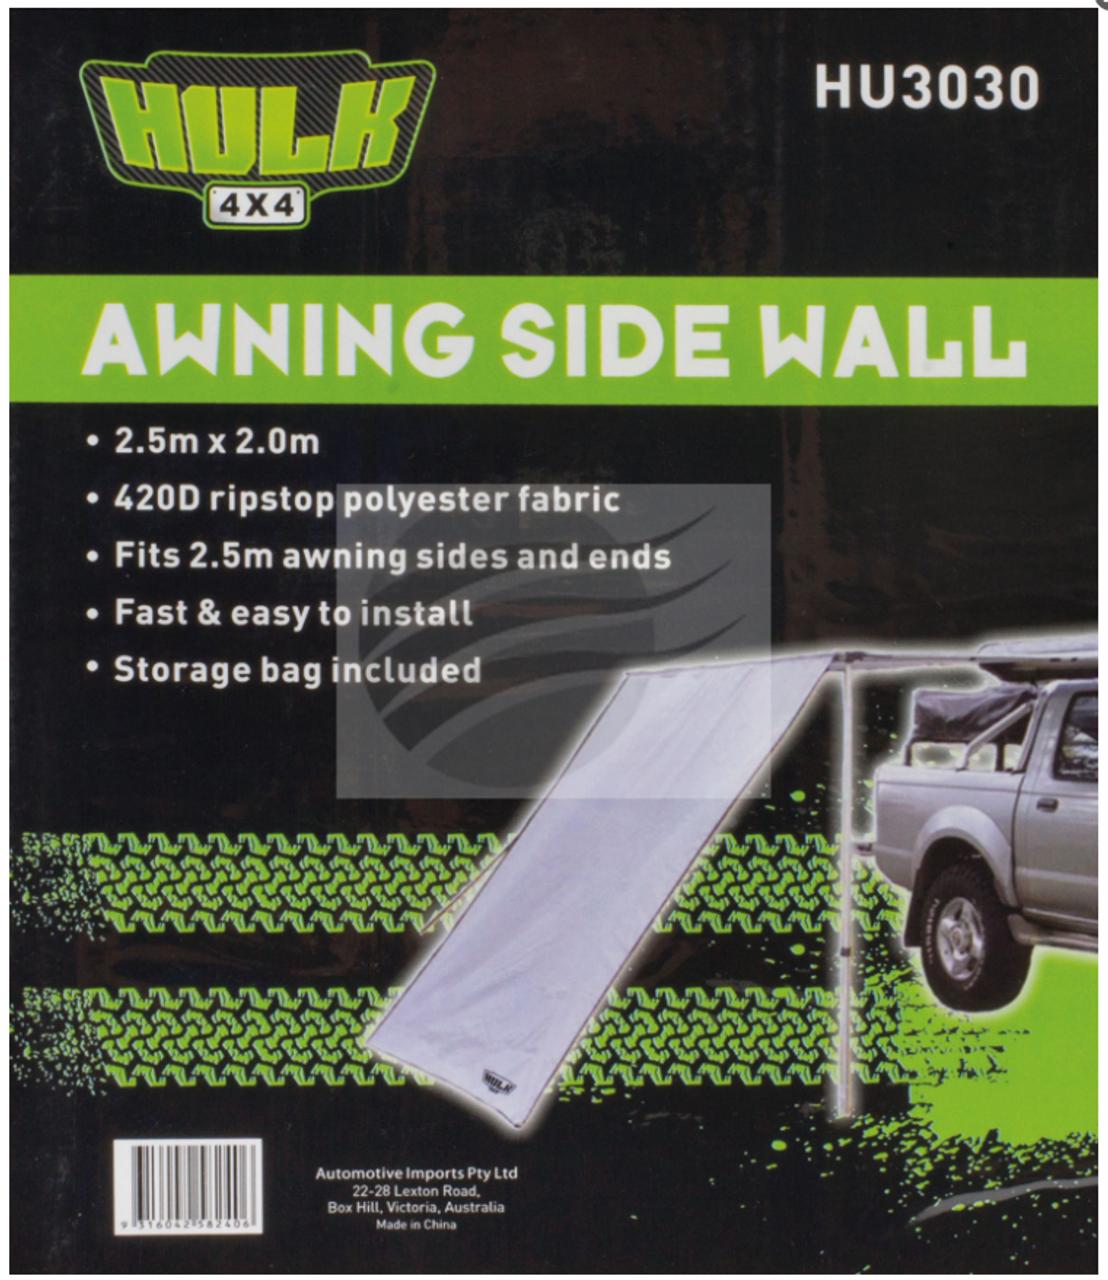 HU3030 - Awning Side Wall. HULK. CD. Ultimate LED.